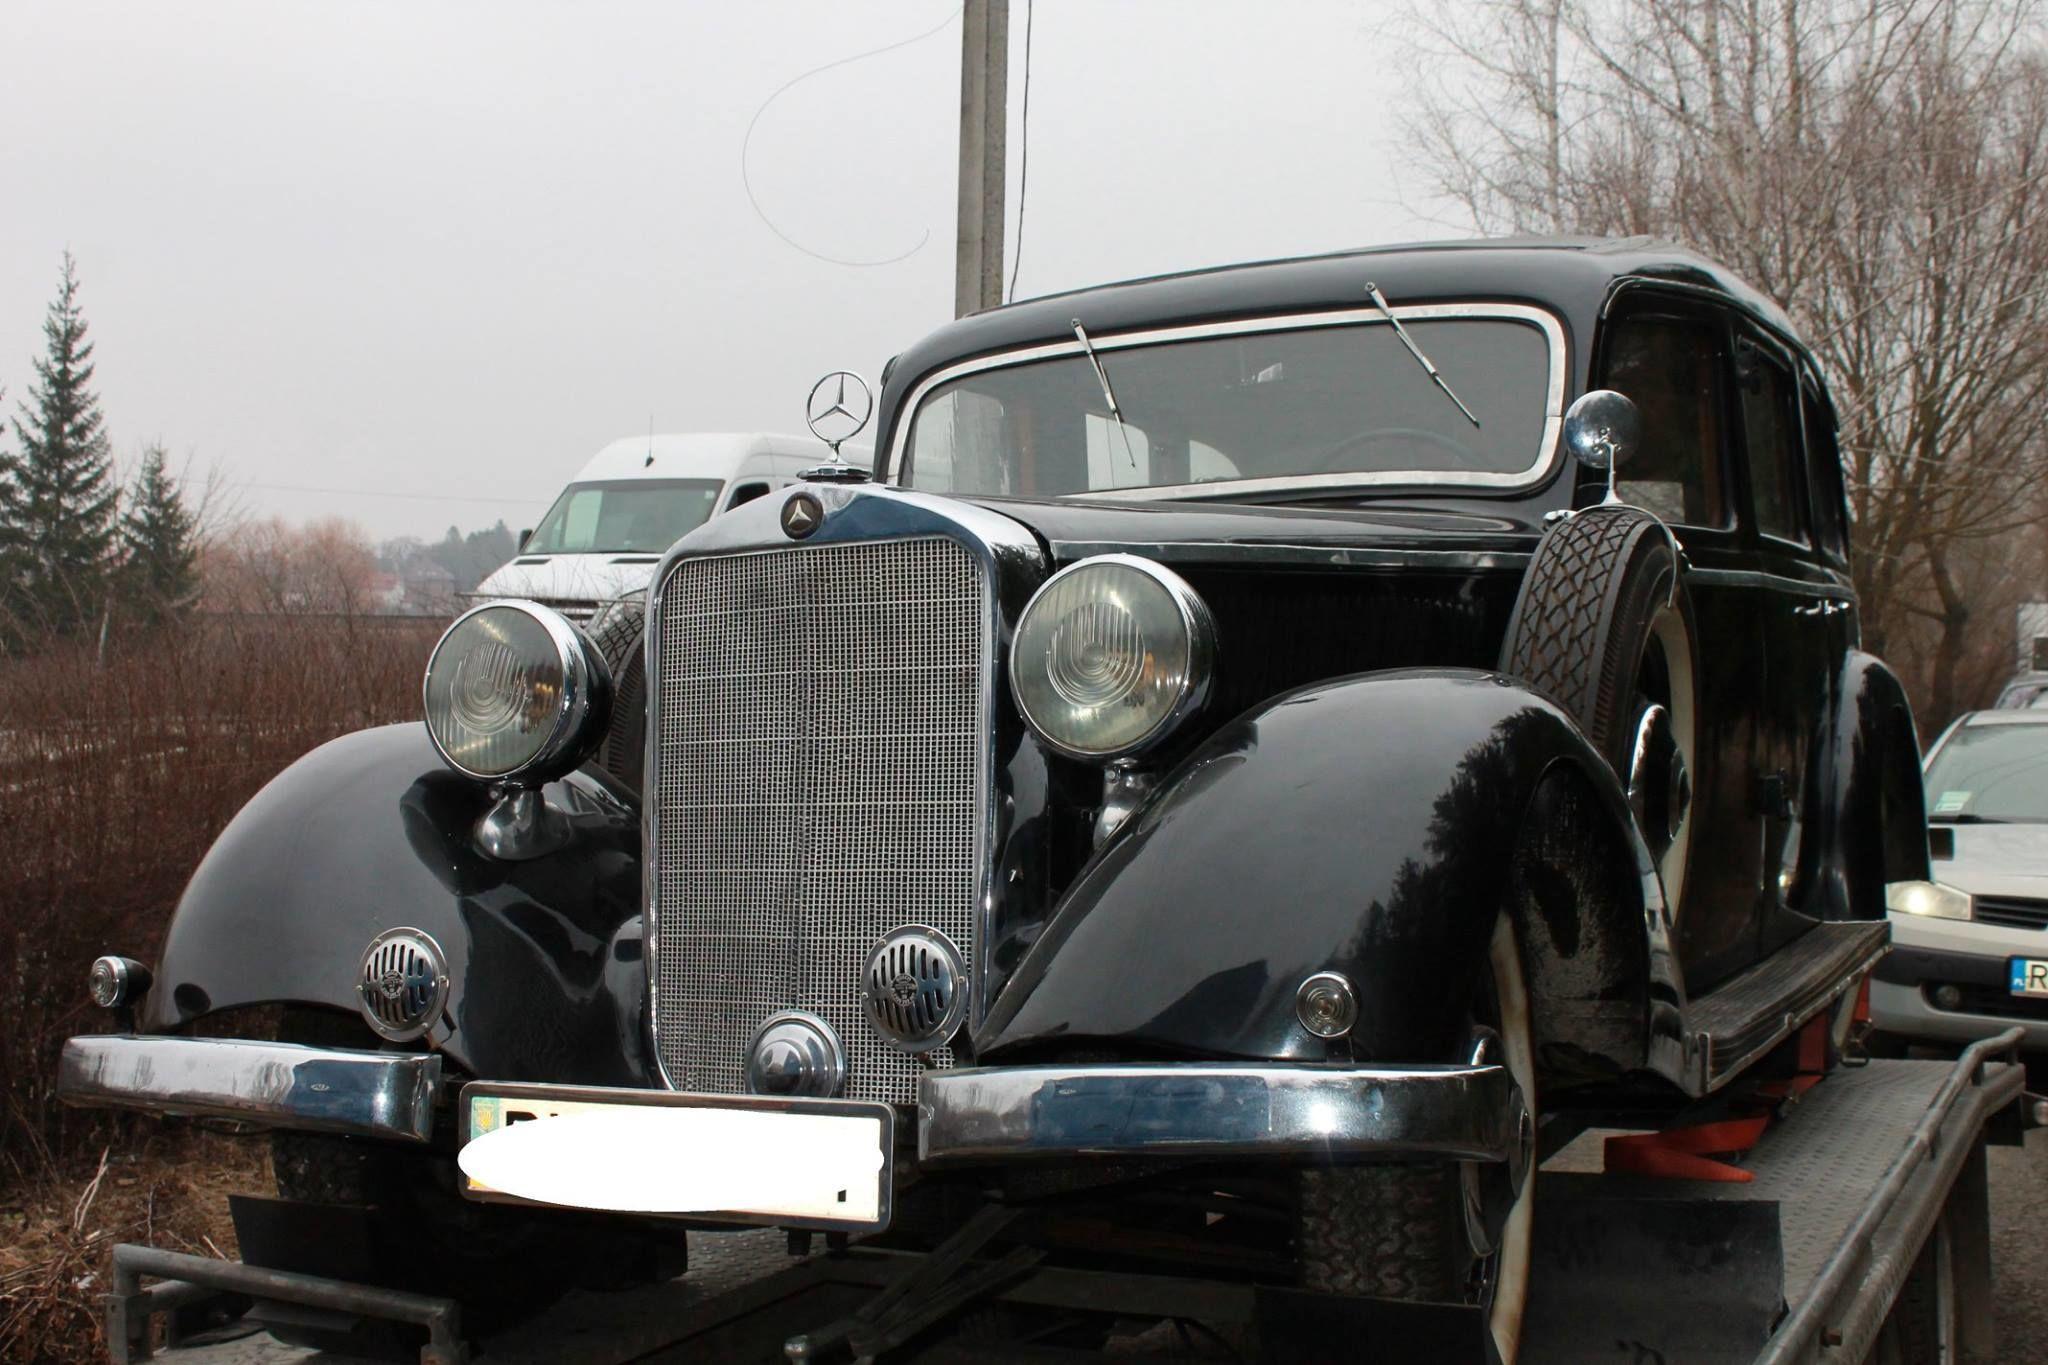 Автомобиль прошел перерегистрацию в Хмельницком